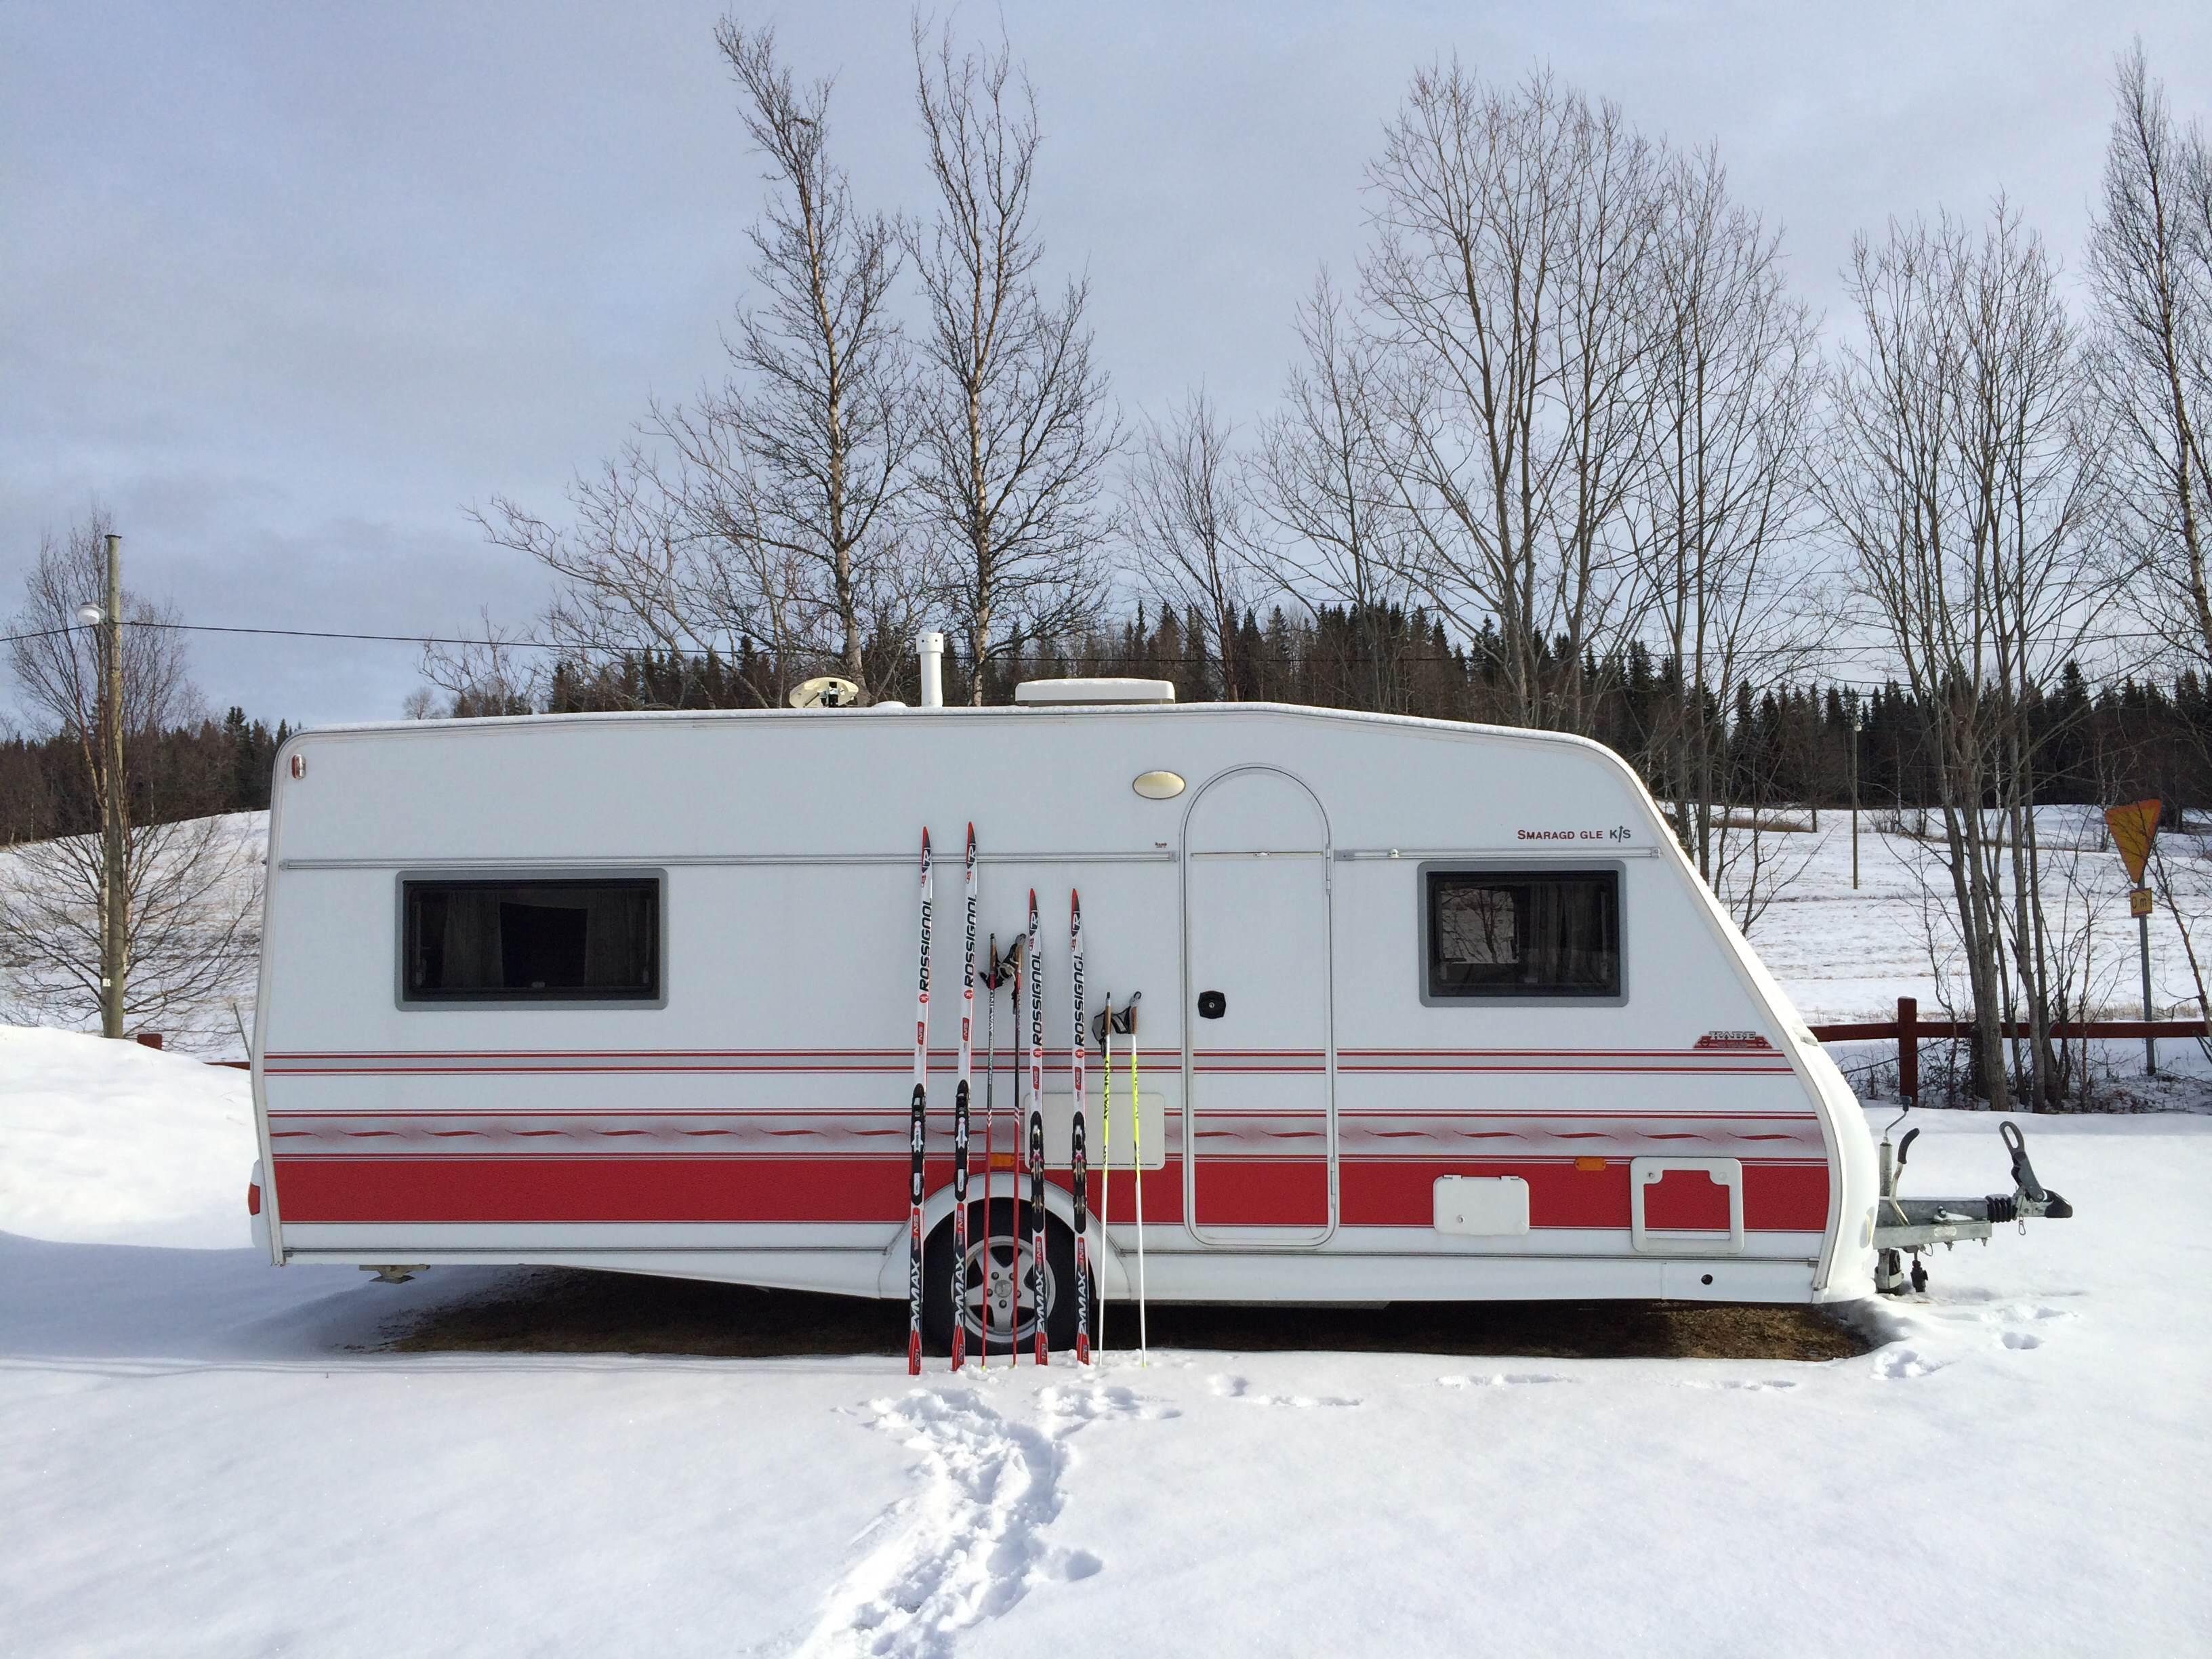 Hyr husvagn till skidsäsongen